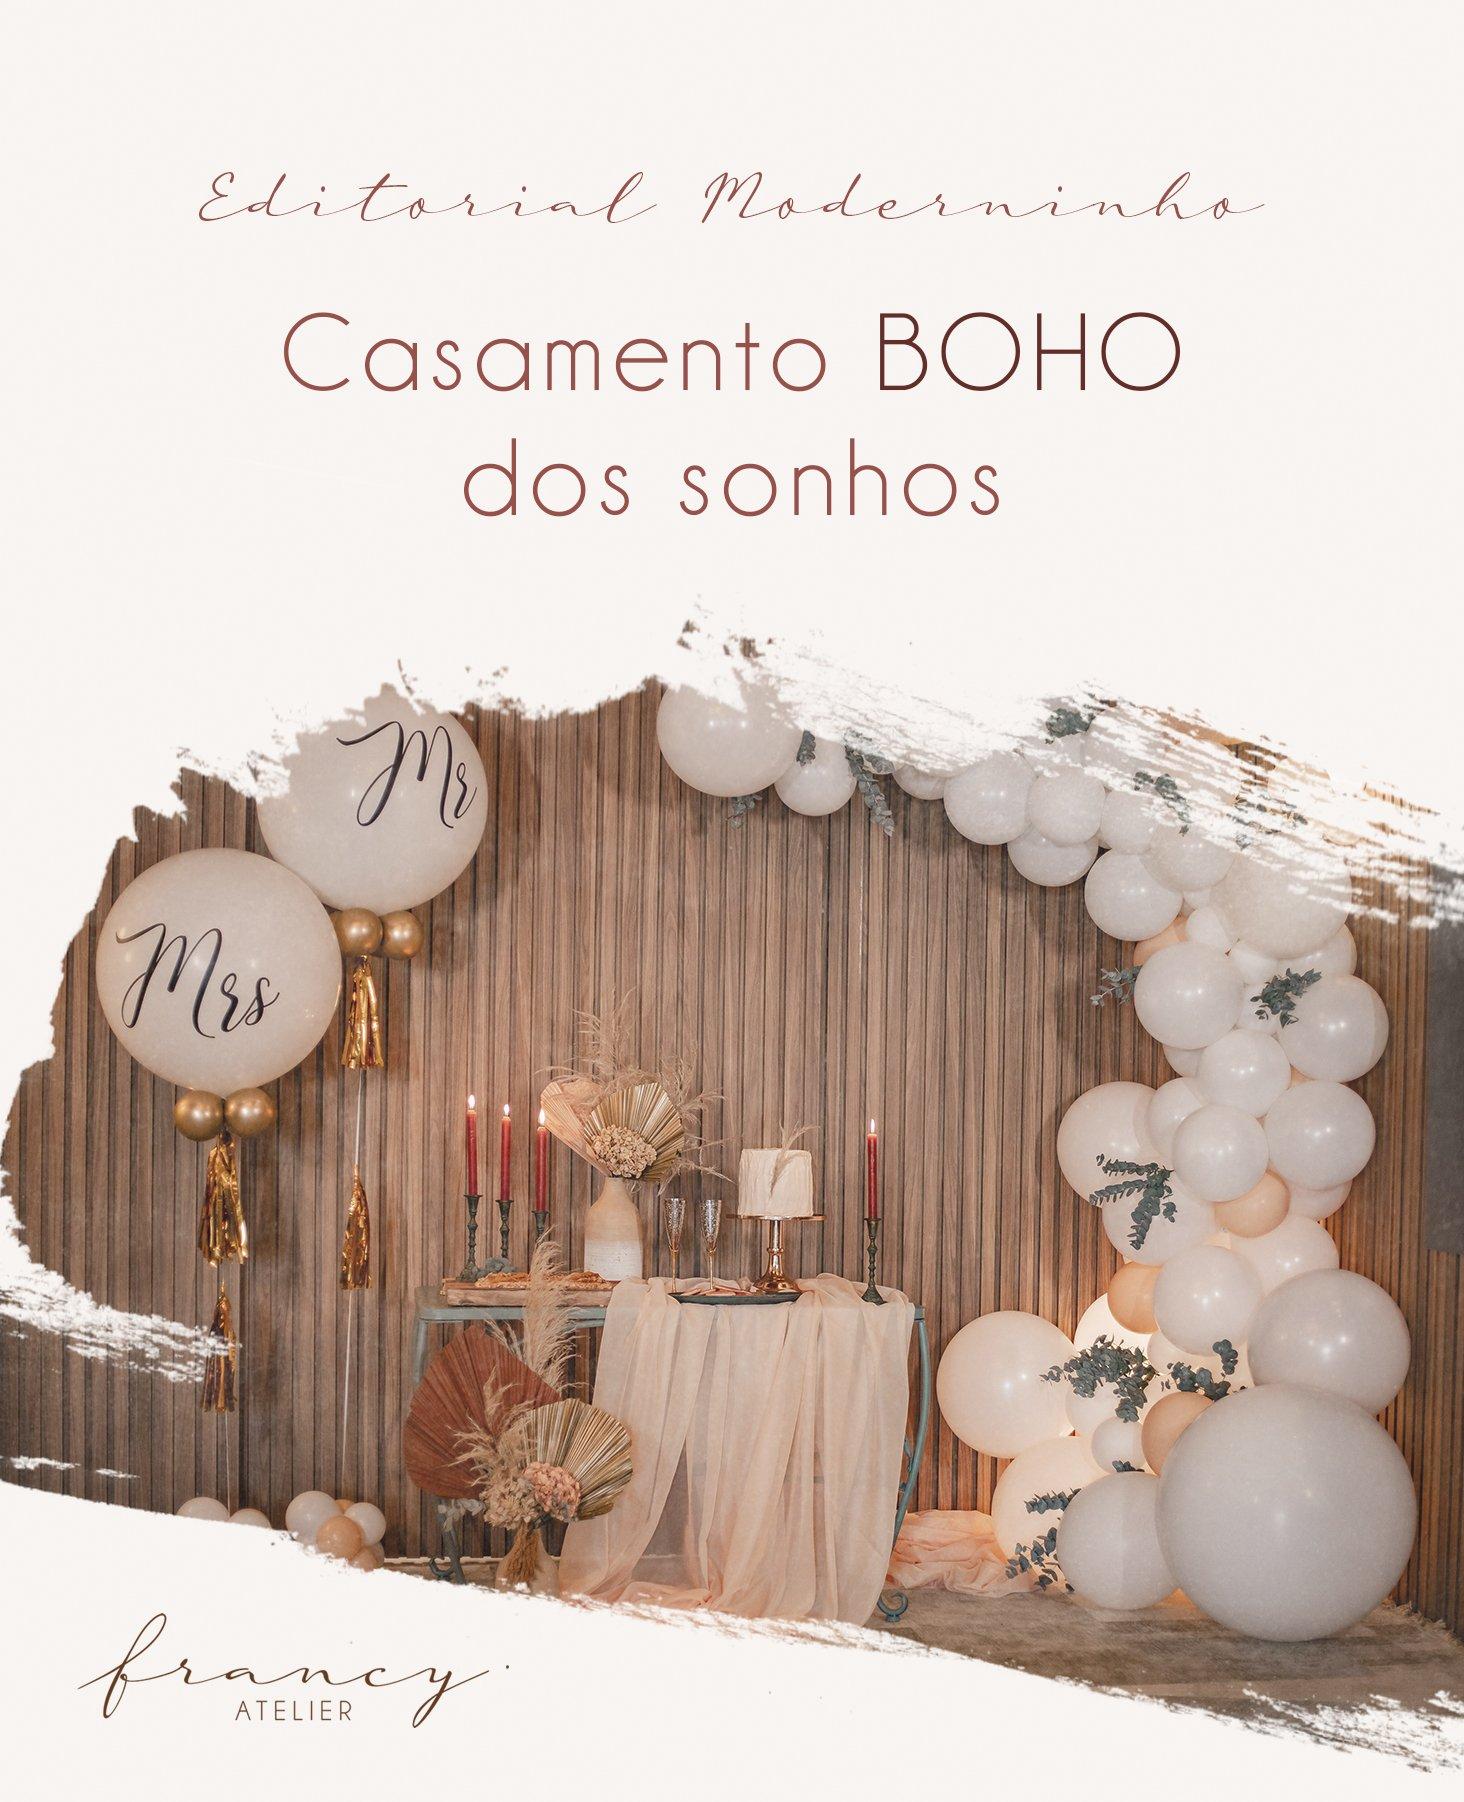 Capa - Editorial Moderninho